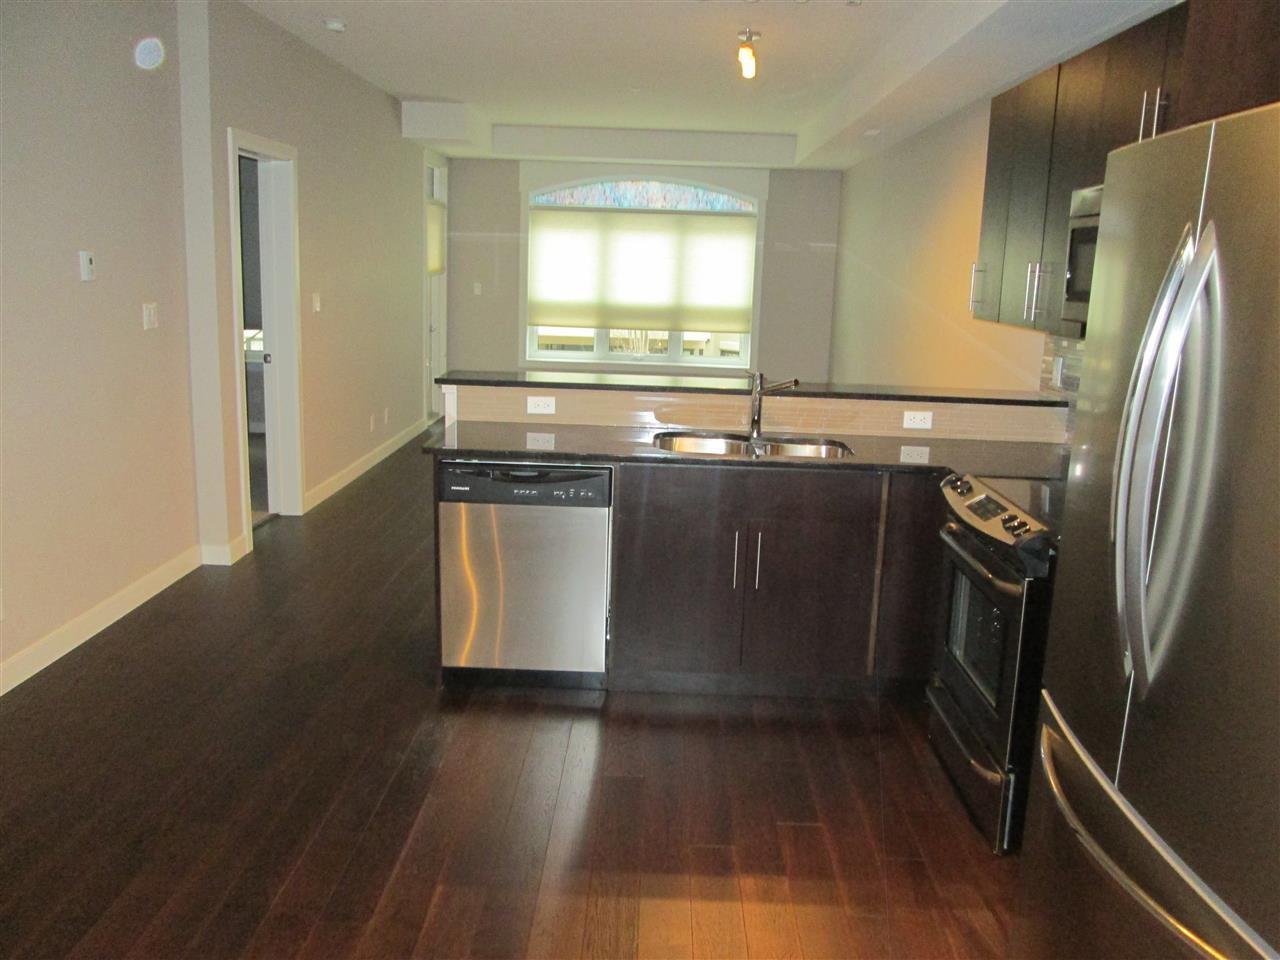 Main Photo: 205 10811 72 Avenue in Edmonton: Zone 15 Condo for sale : MLS®# E4185518